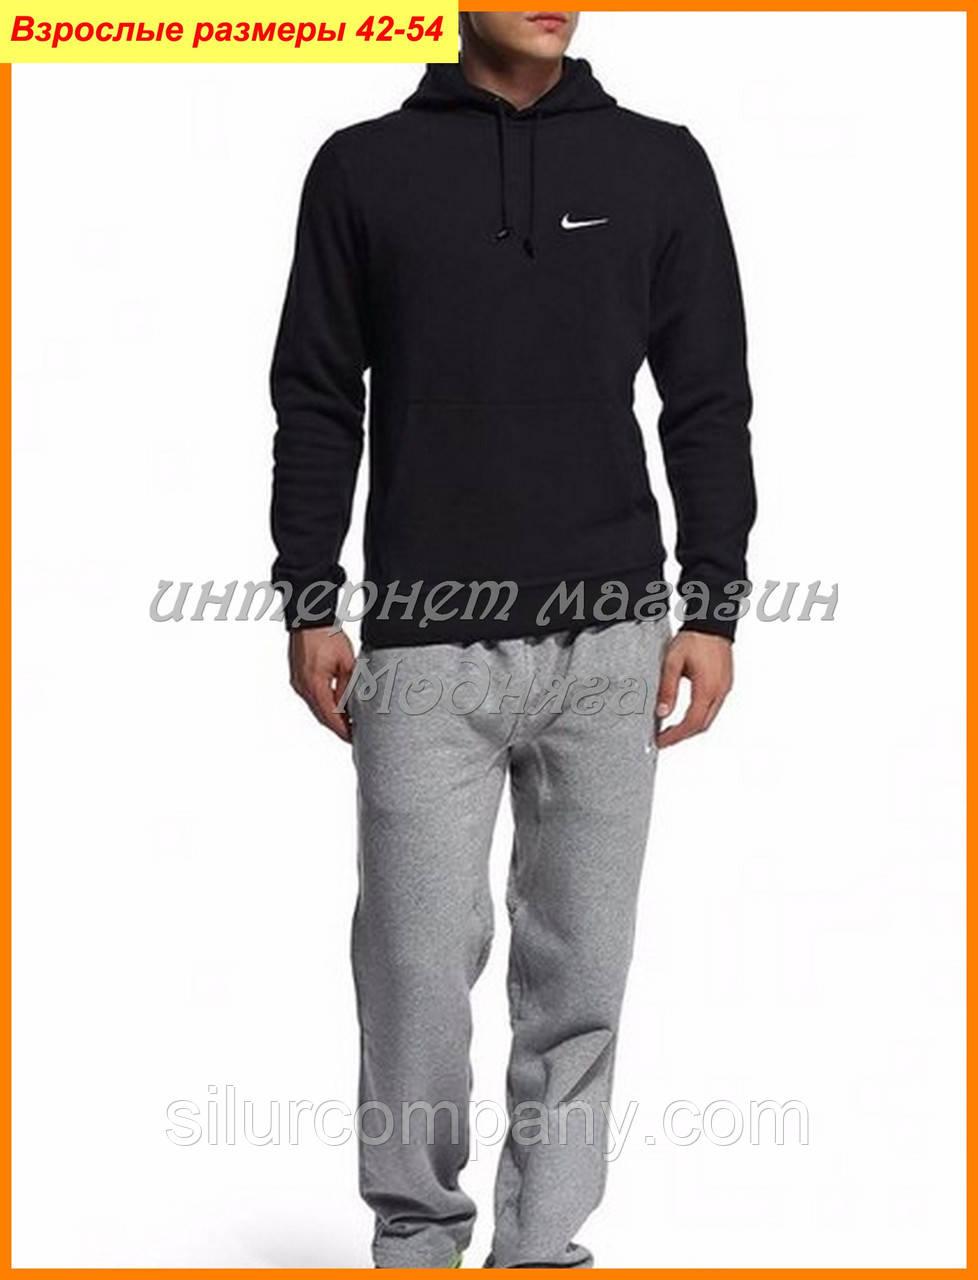 0df2503271062 Мужские костюмы Nike | спортивные костюмы толстовка и штаны - Интернет  магазин